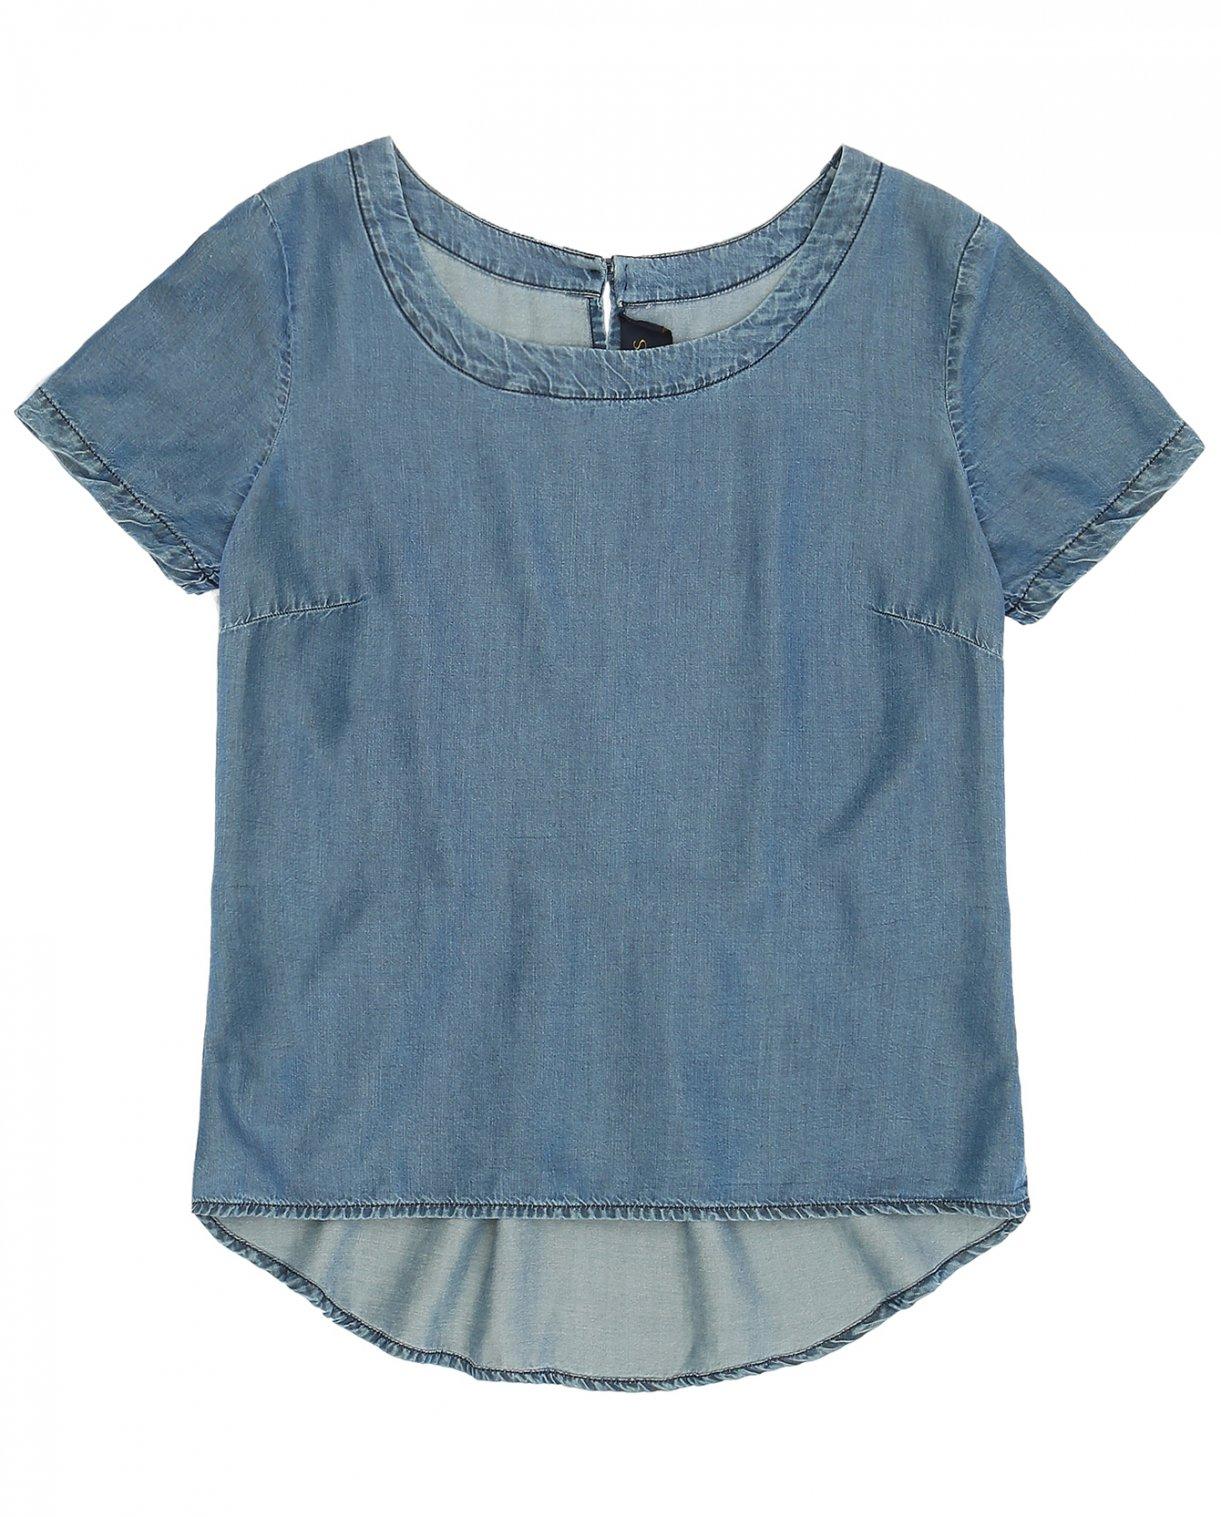 Футболка из легкого денима с застежкой на спине Kaos Jeans  –  Общий вид  – Цвет:  Синий